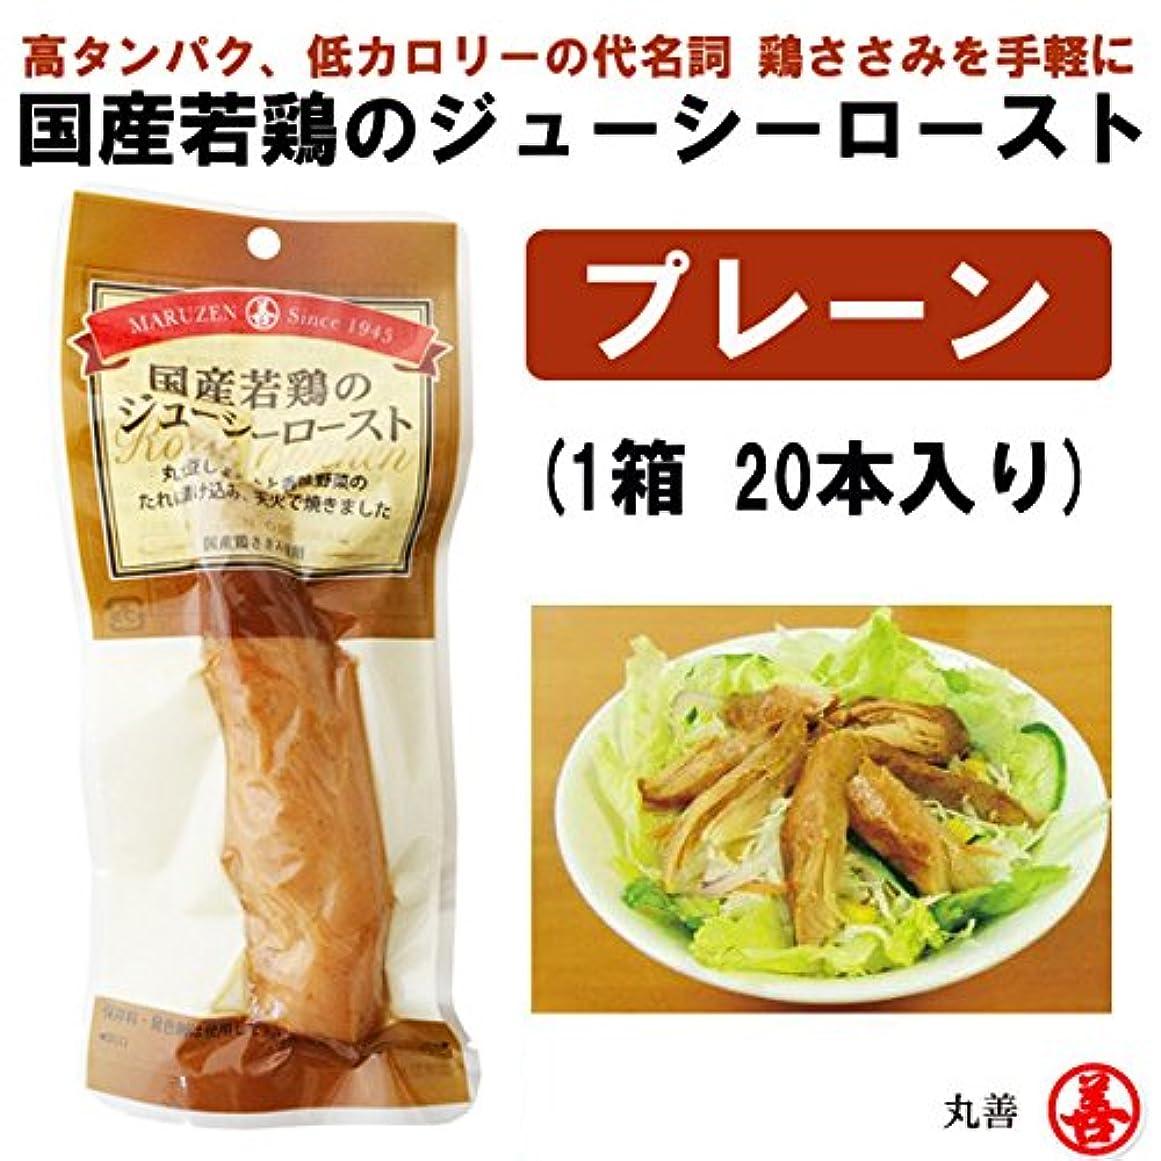 符号告白する小川丸善 鶏ささみ 国産若鶏のジューシーロースト プレーン 1箱20本入り